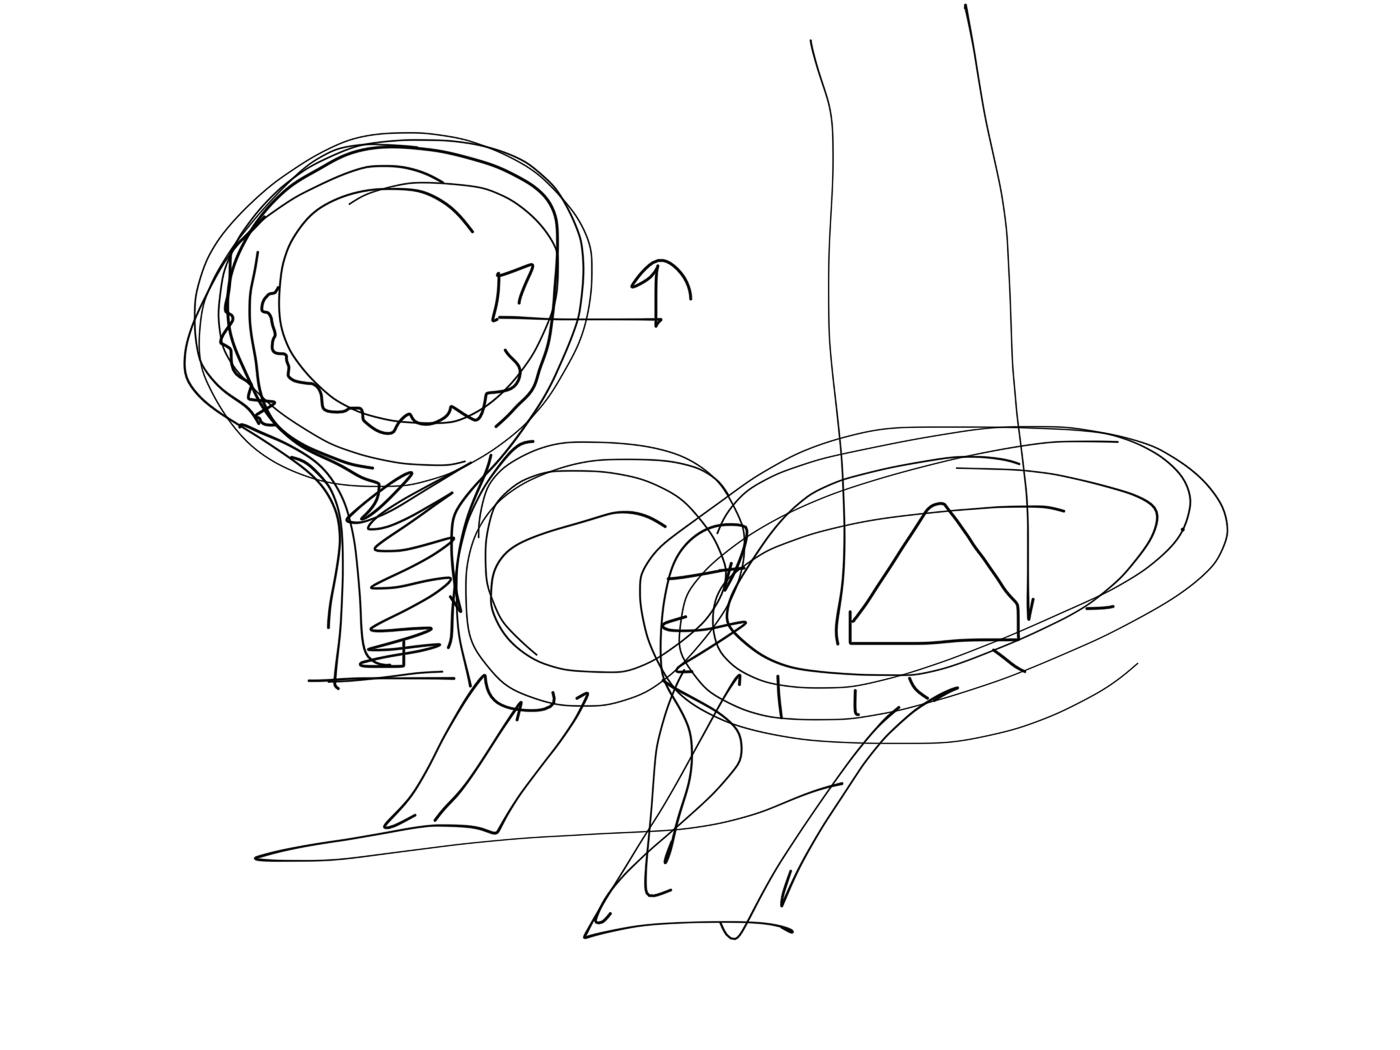 Sketch-347.jpg